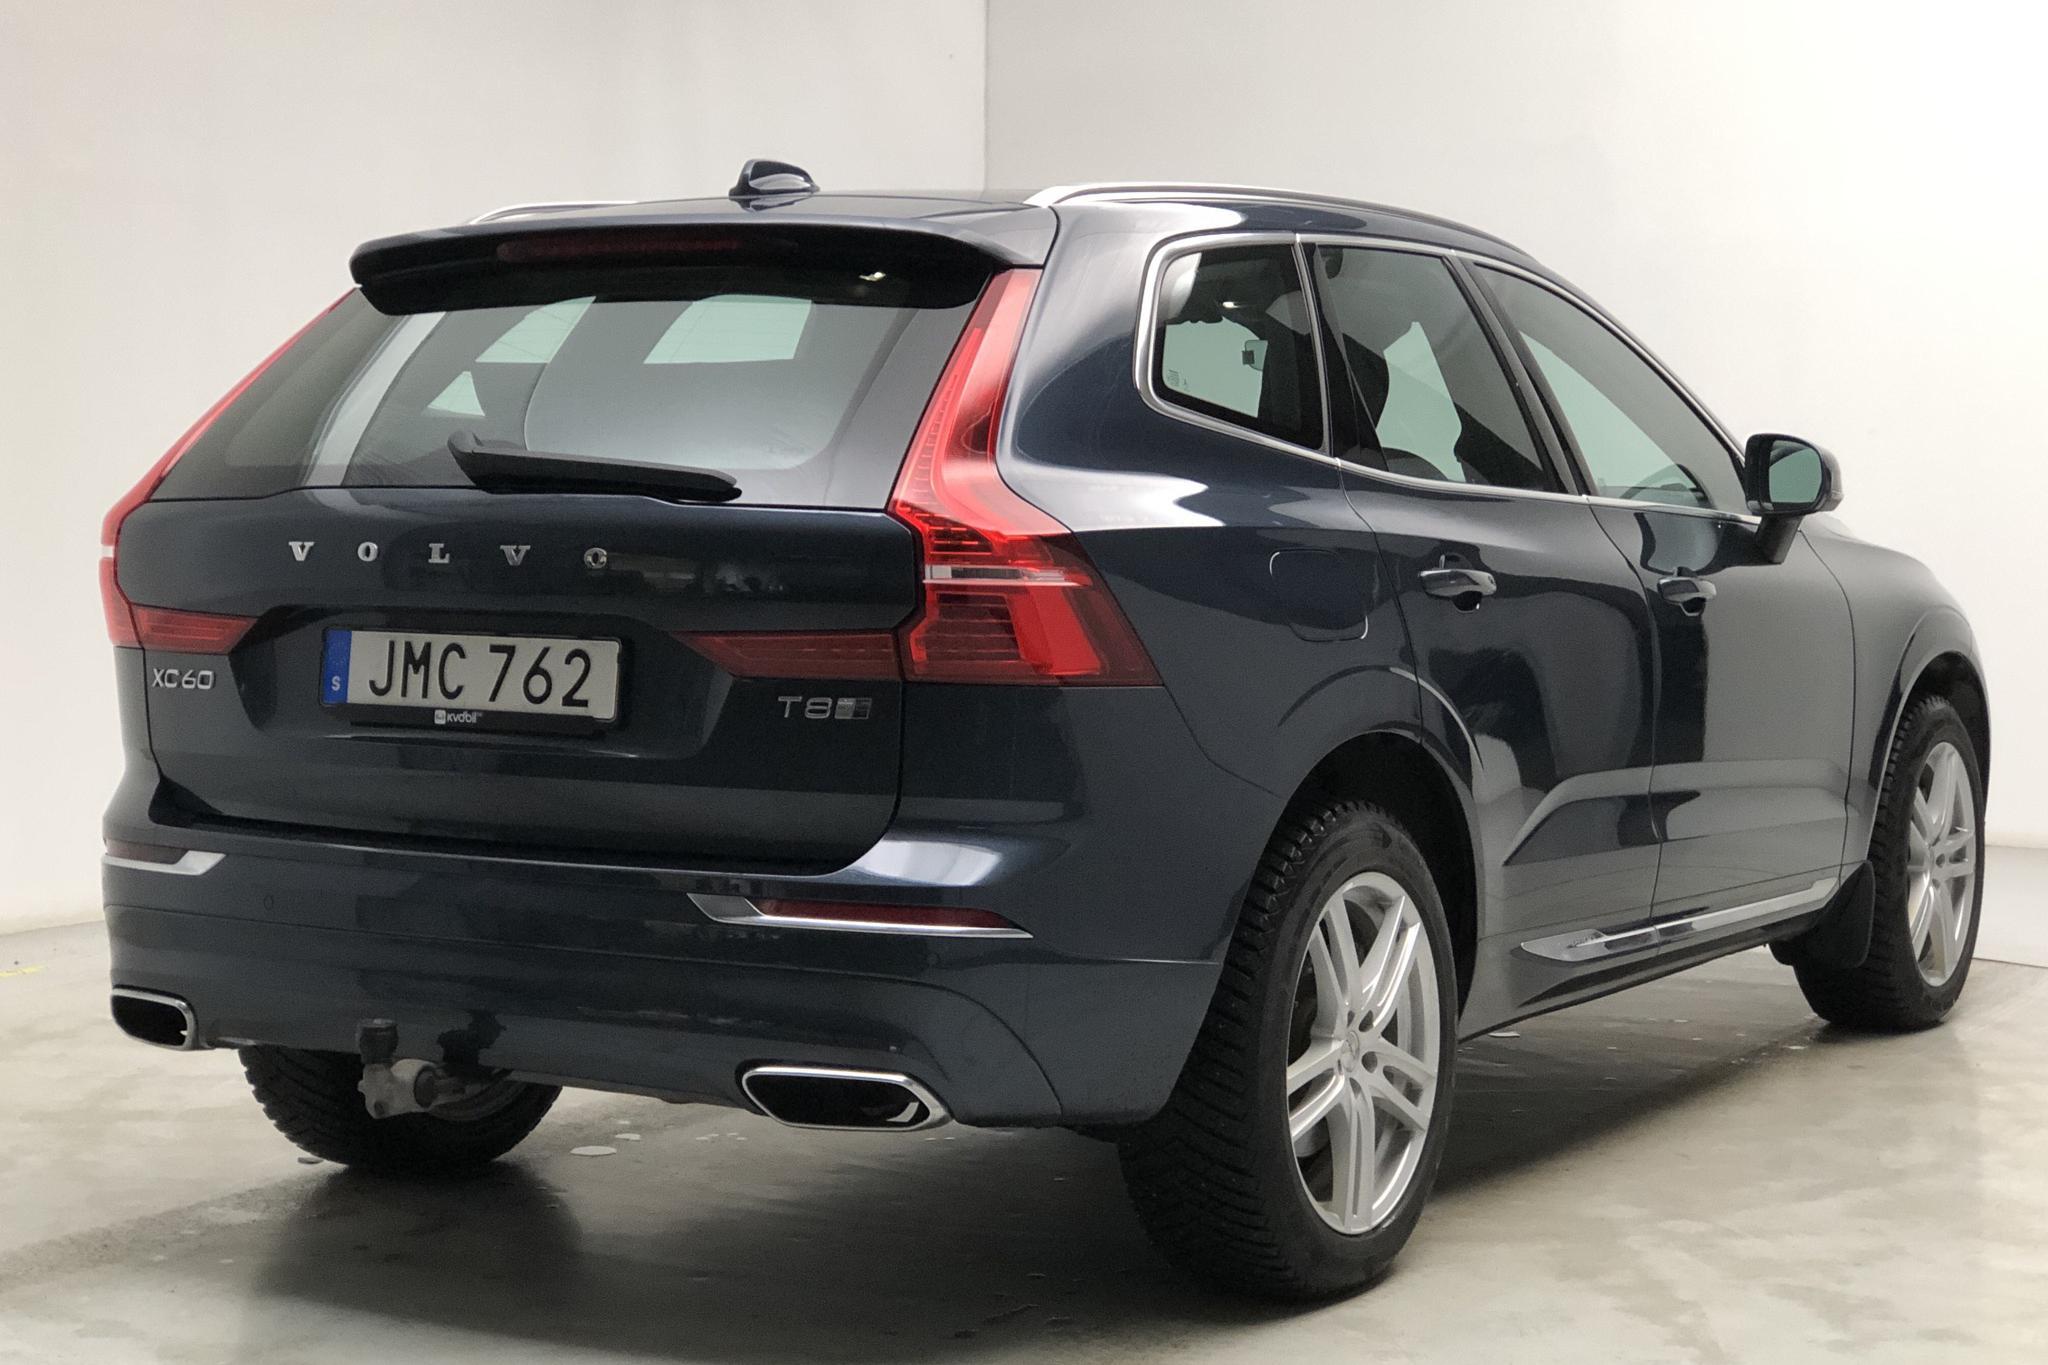 Volvo XC60 T8 AWD Twin Engine (390hk) - 118 610 km - Automatic - Dark Blue - 2019